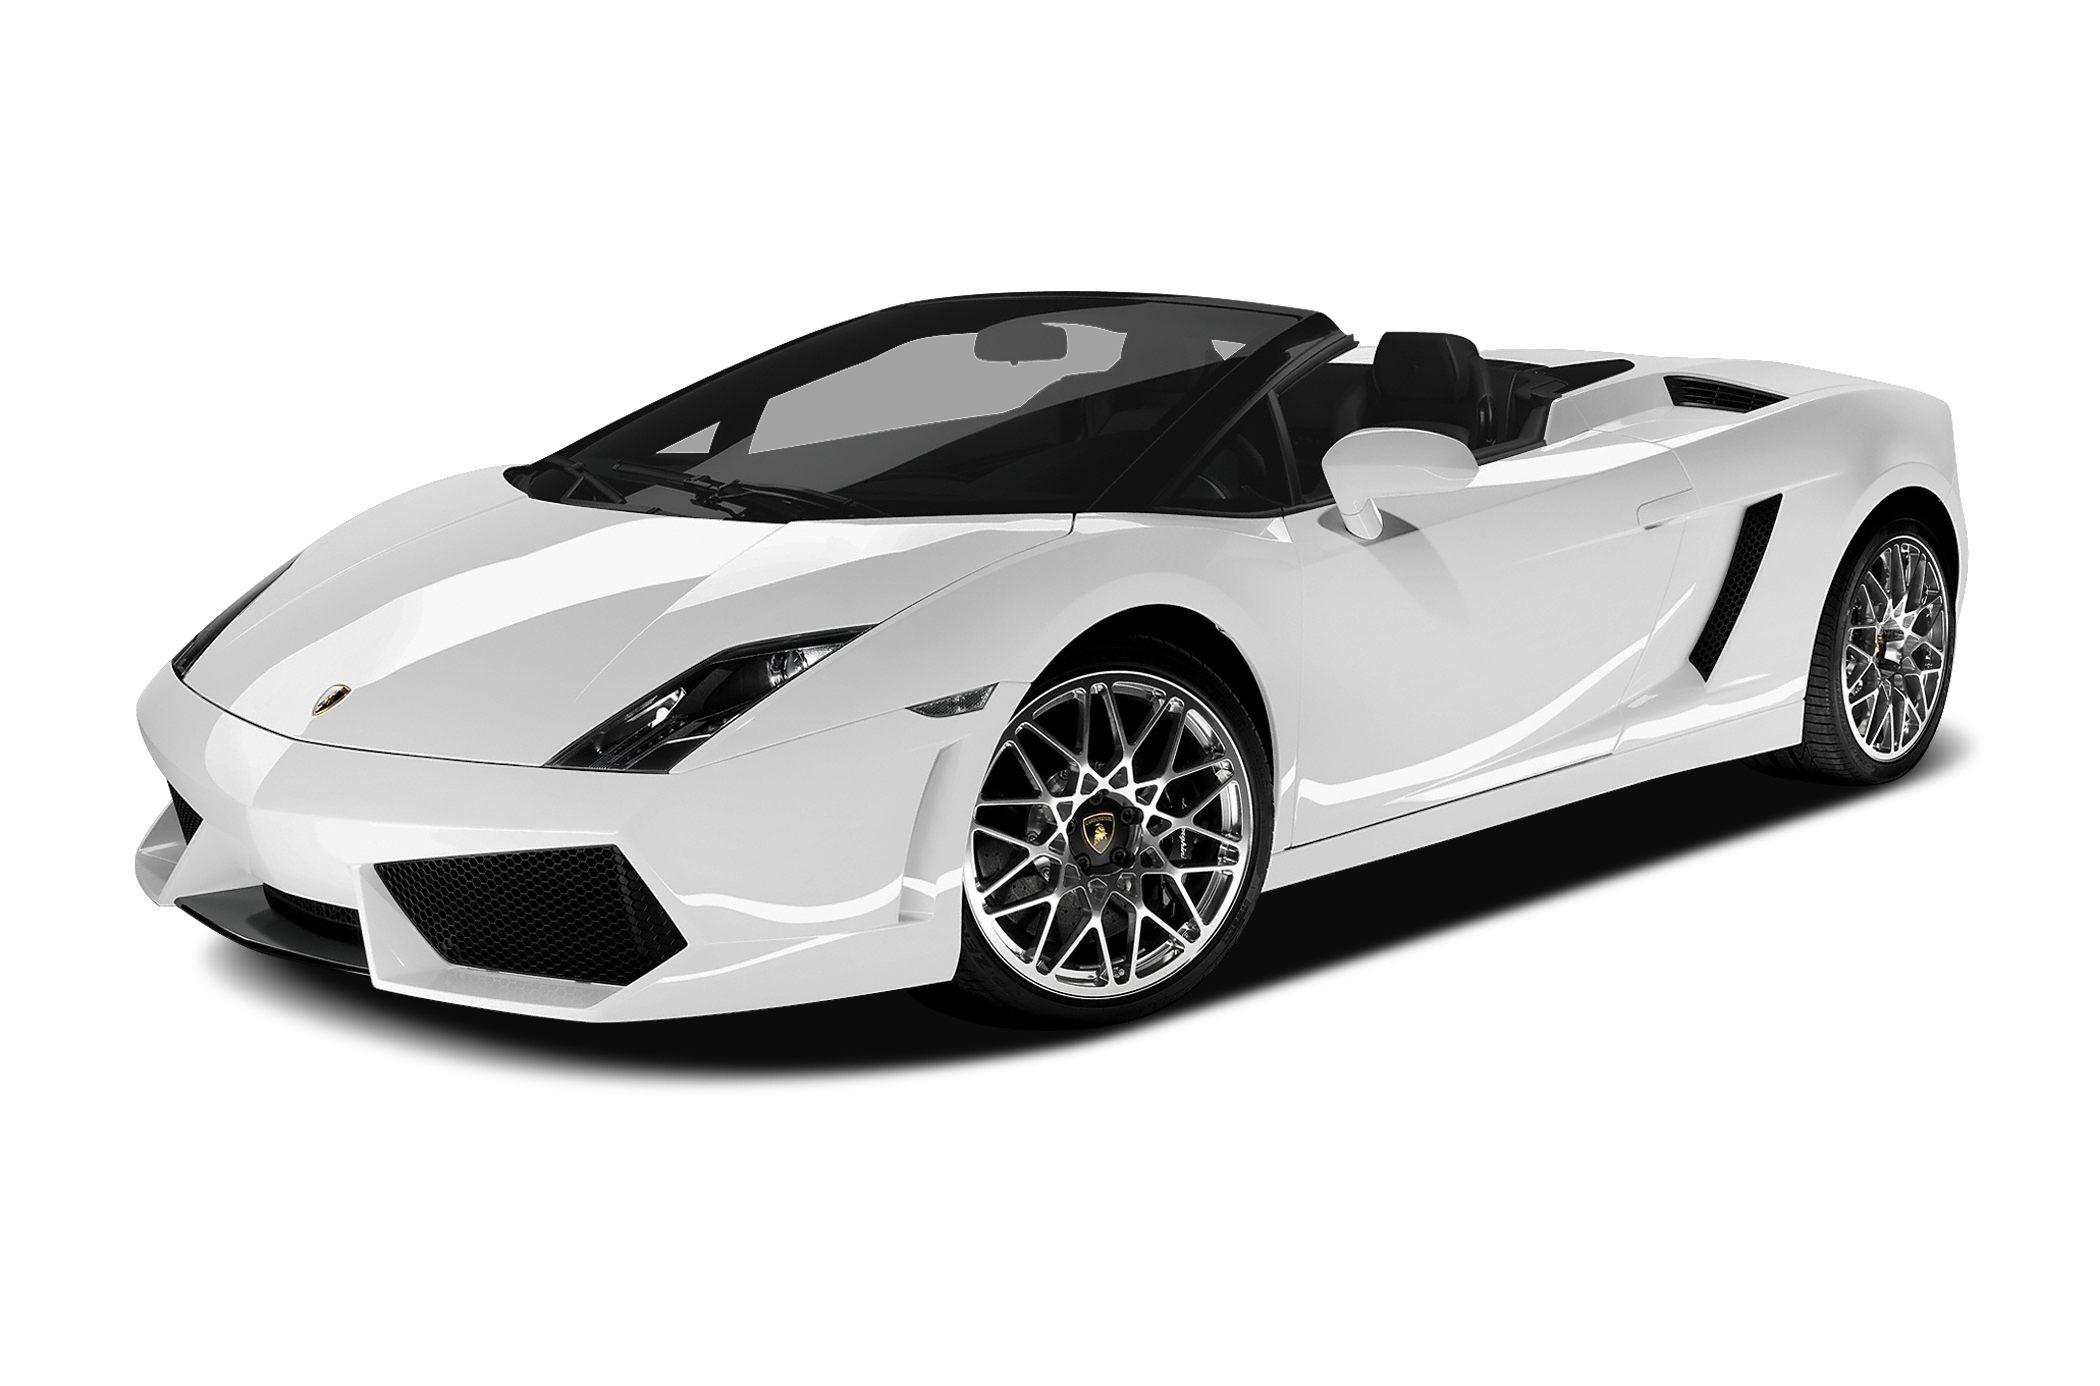 2010 Lamborghini Gallardo Lp560 4 2dr Spyder Specs And Prices